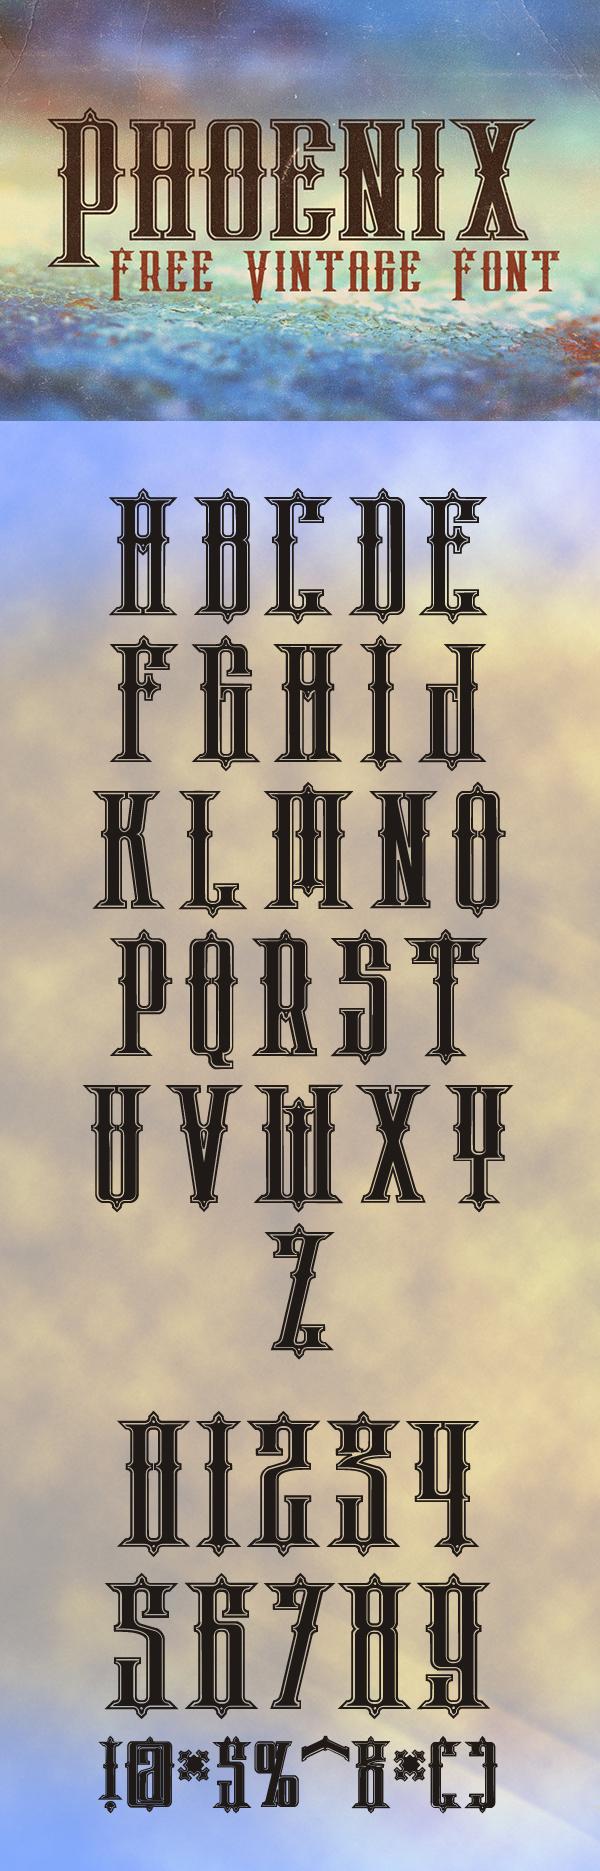 19 Phoenix Free Font